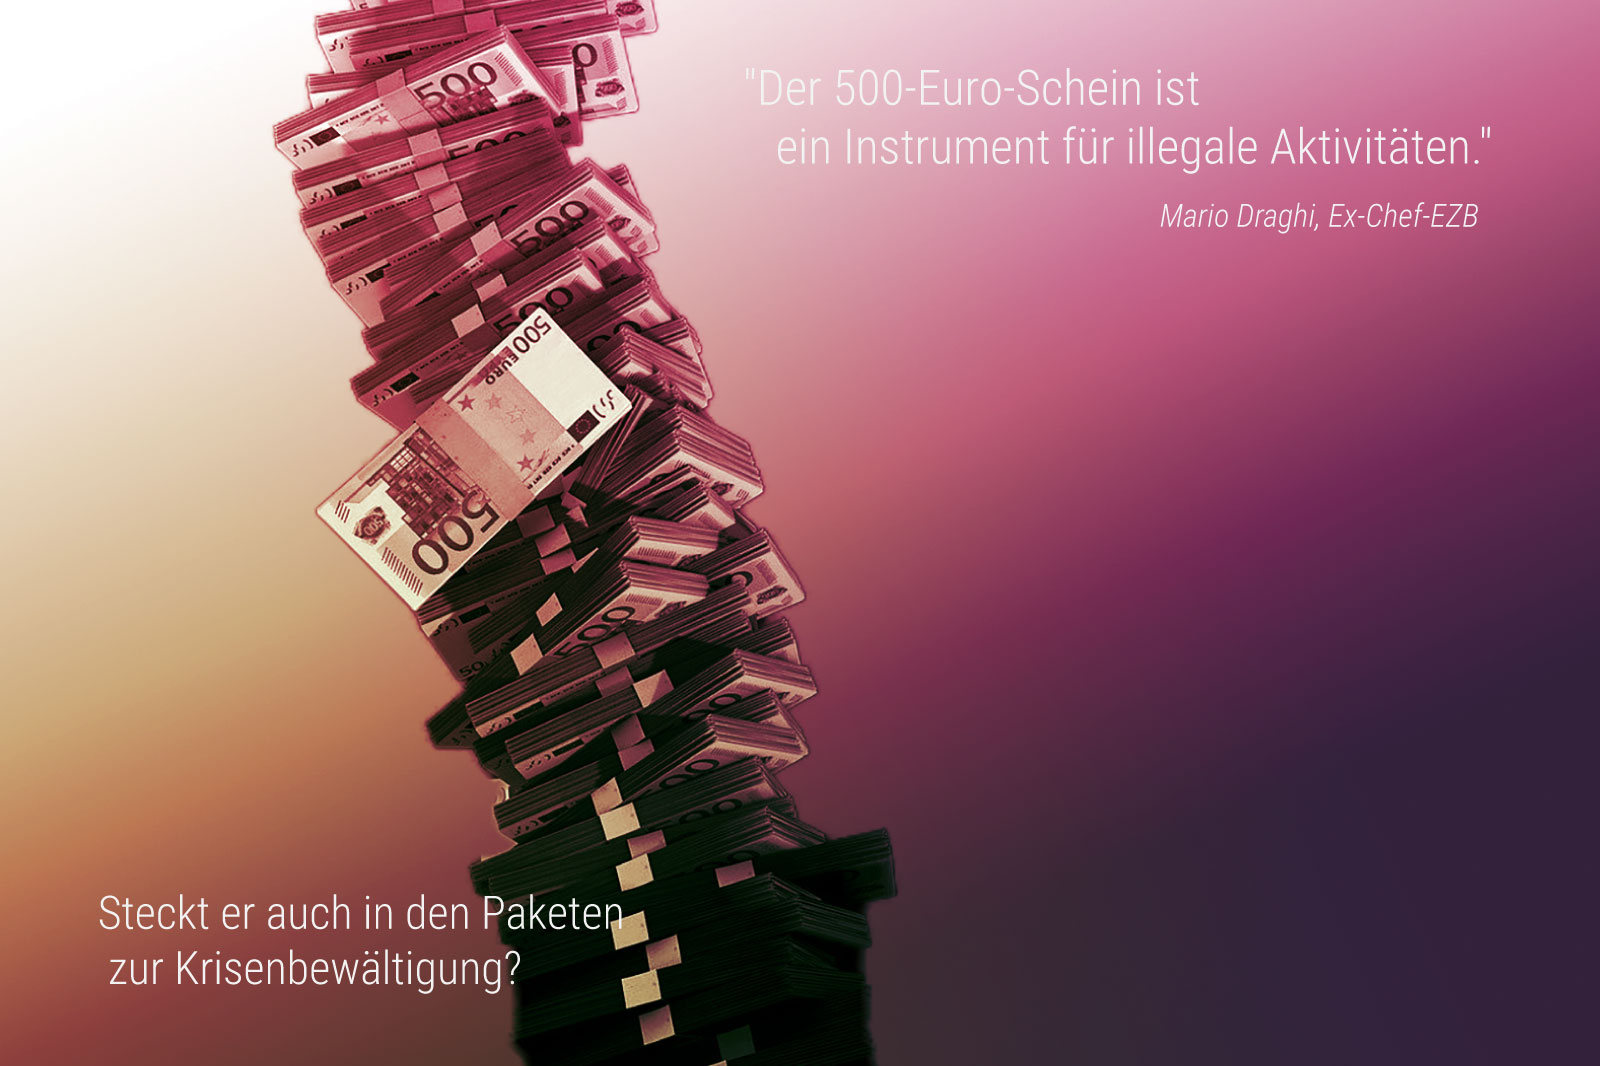 500-Euro-Scheine als Teil der Pakete zur Krisenbewältigung